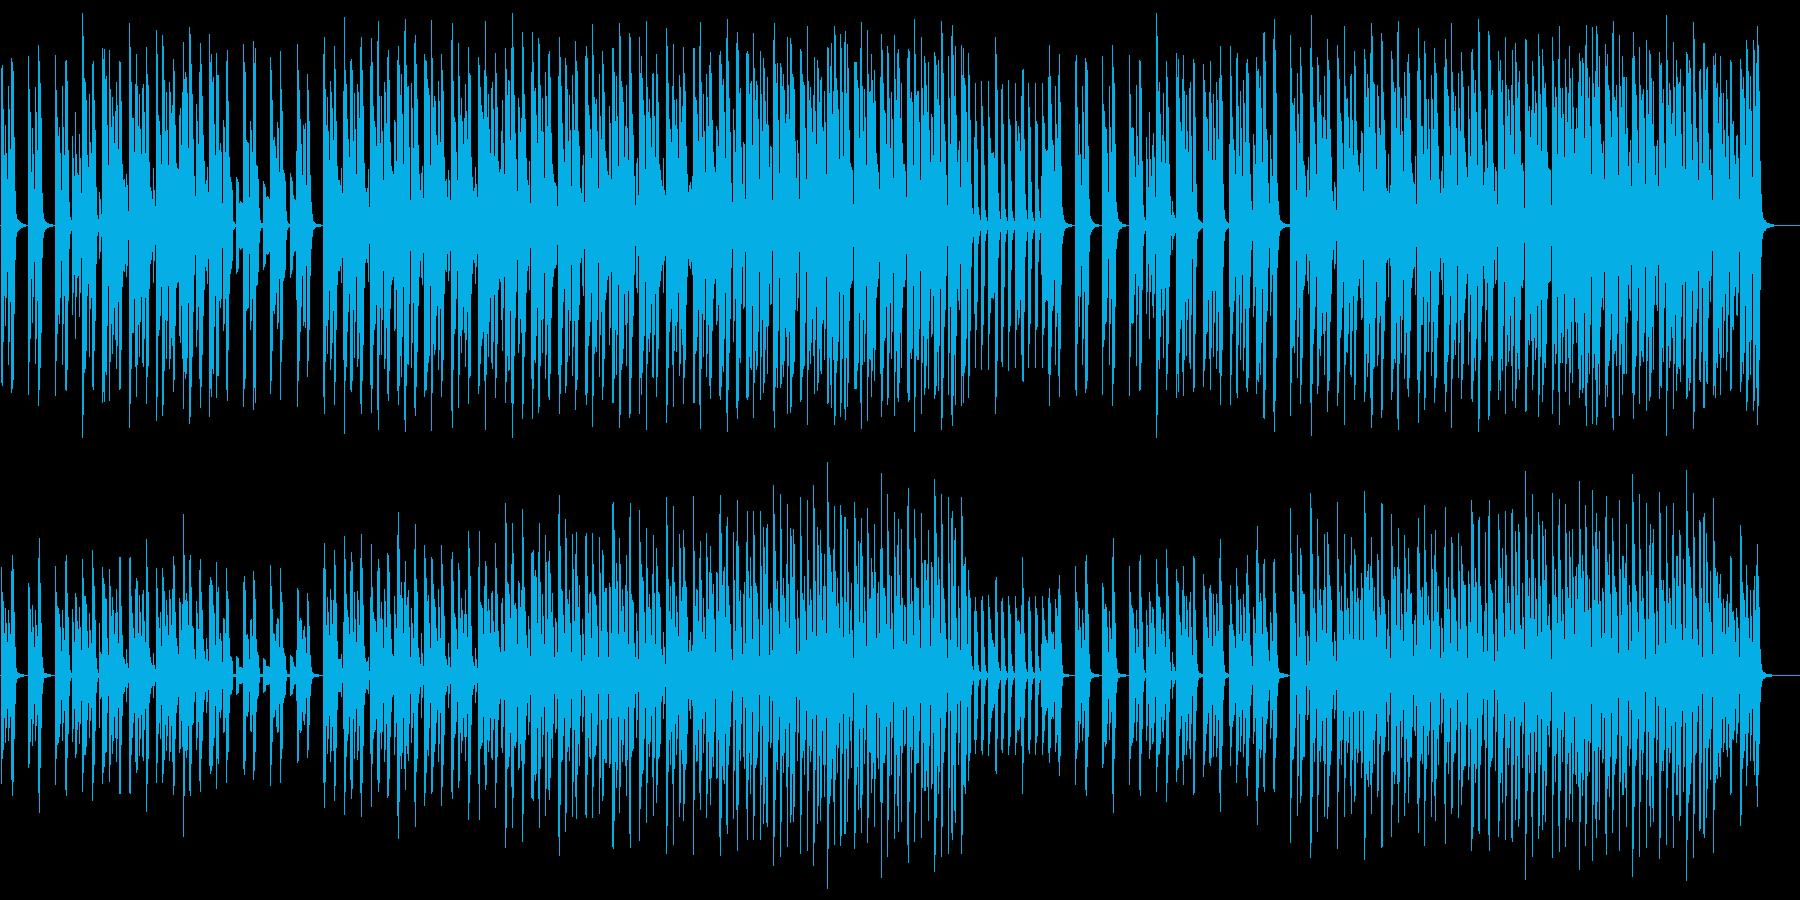 【パーカス抜き】流行のクリーン&モダンの再生済みの波形